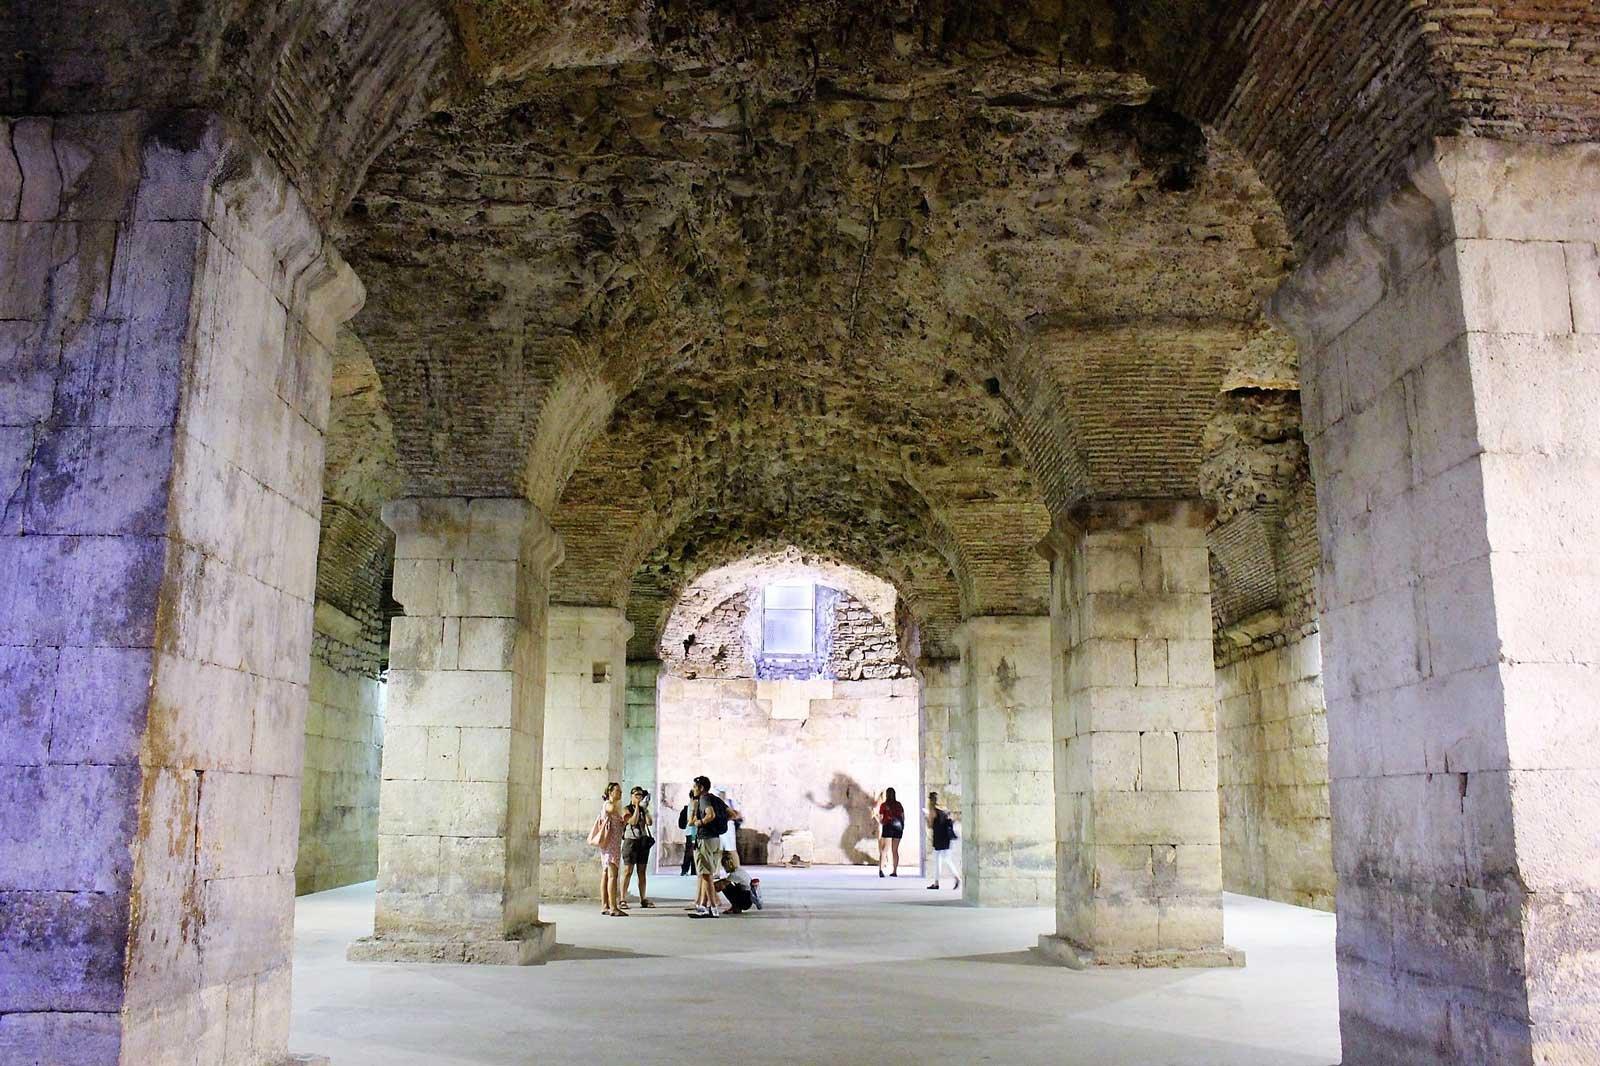 подземелье дворца диоклетиана фото решение исключительно декоративно